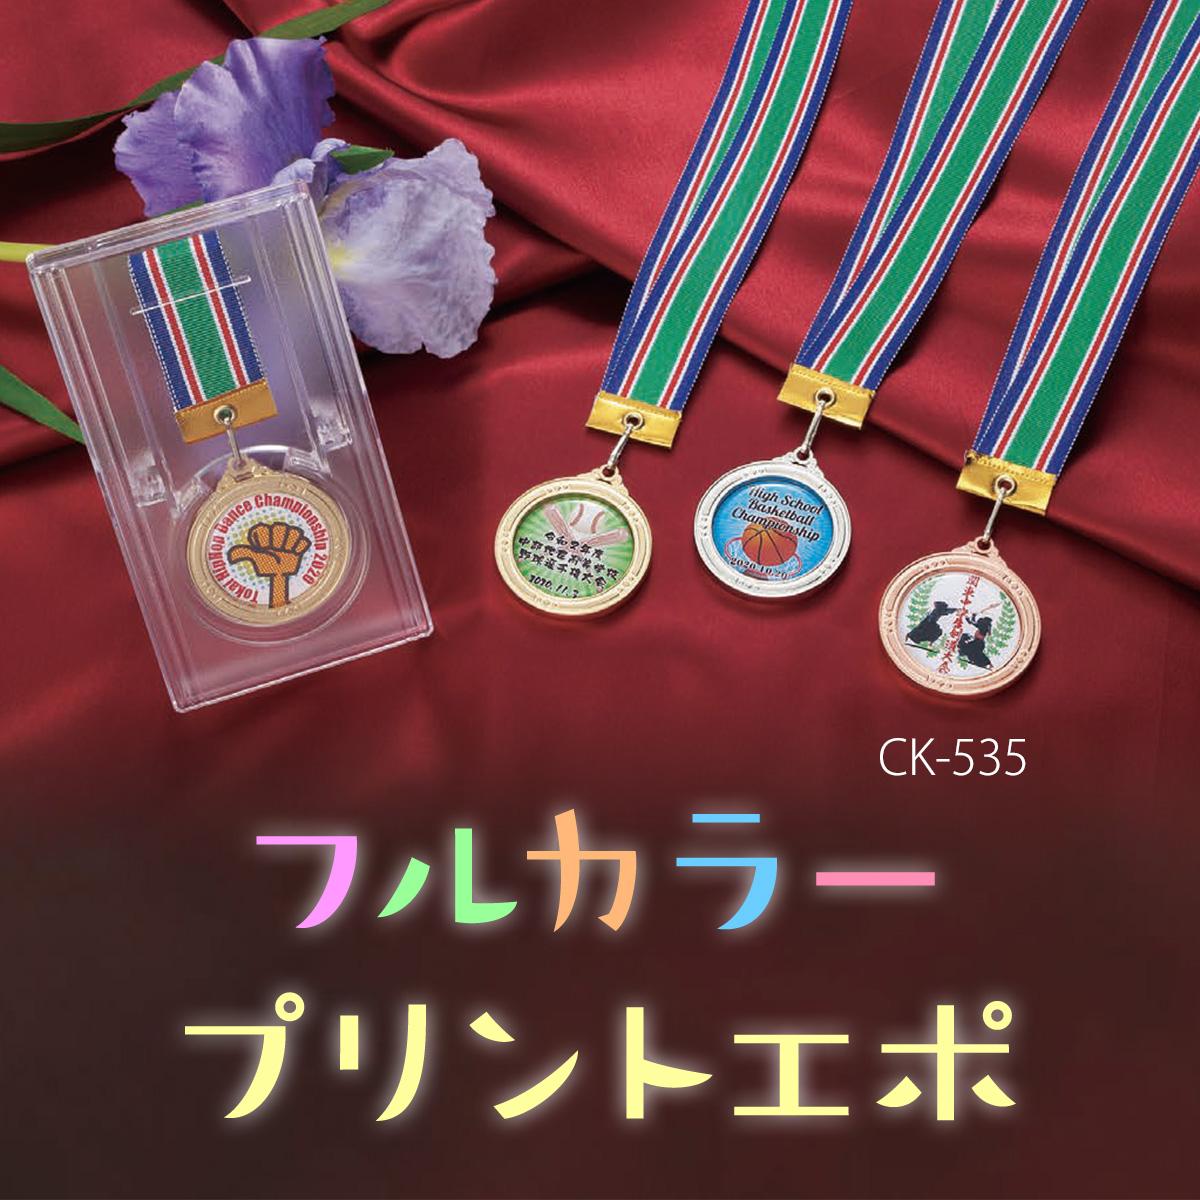 フルカラープリントエポ メダル CK-535画像